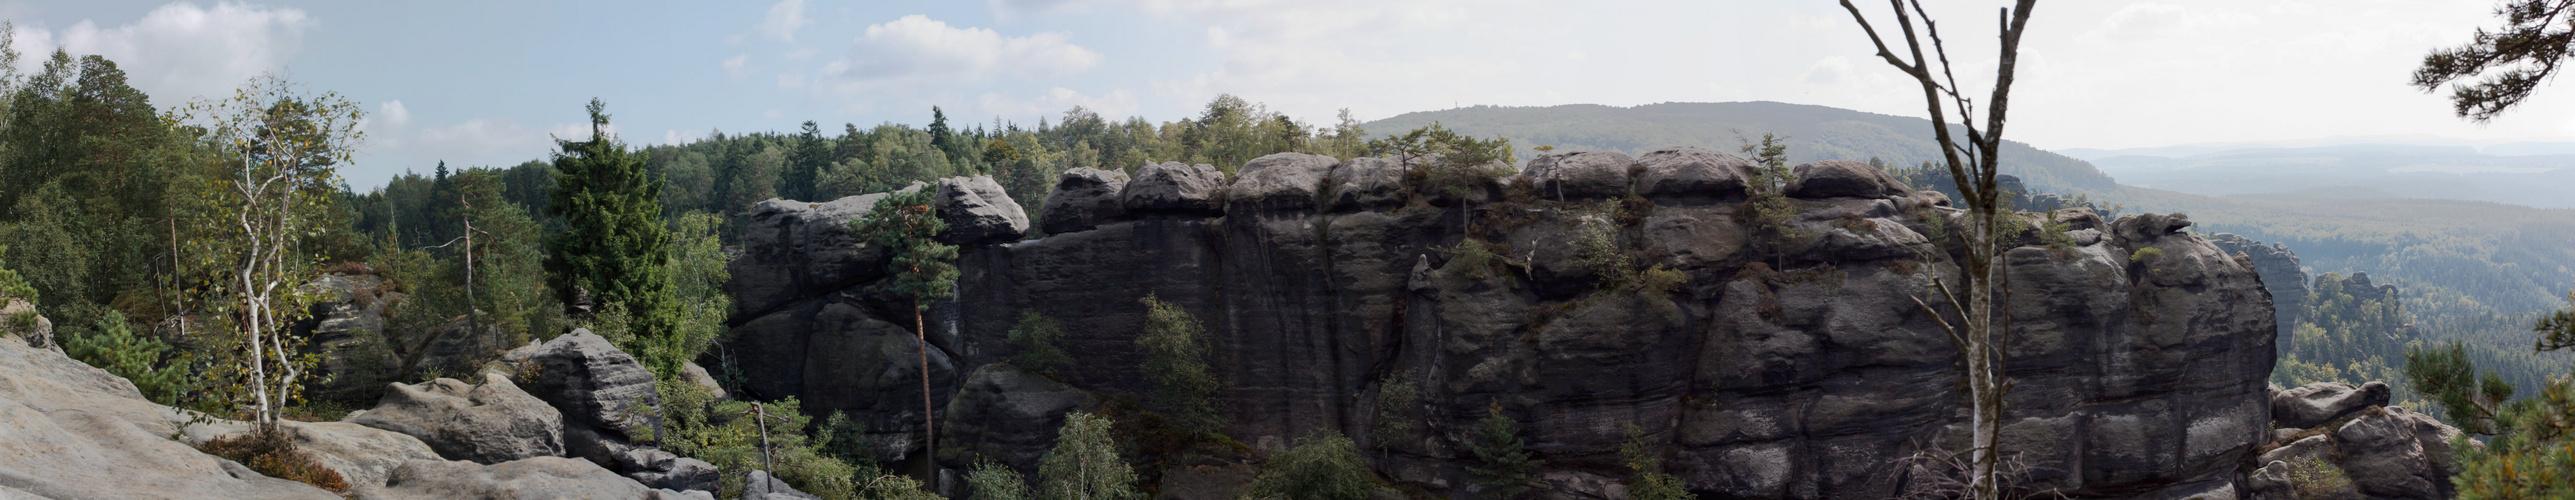 Sächsische Schweiz 02